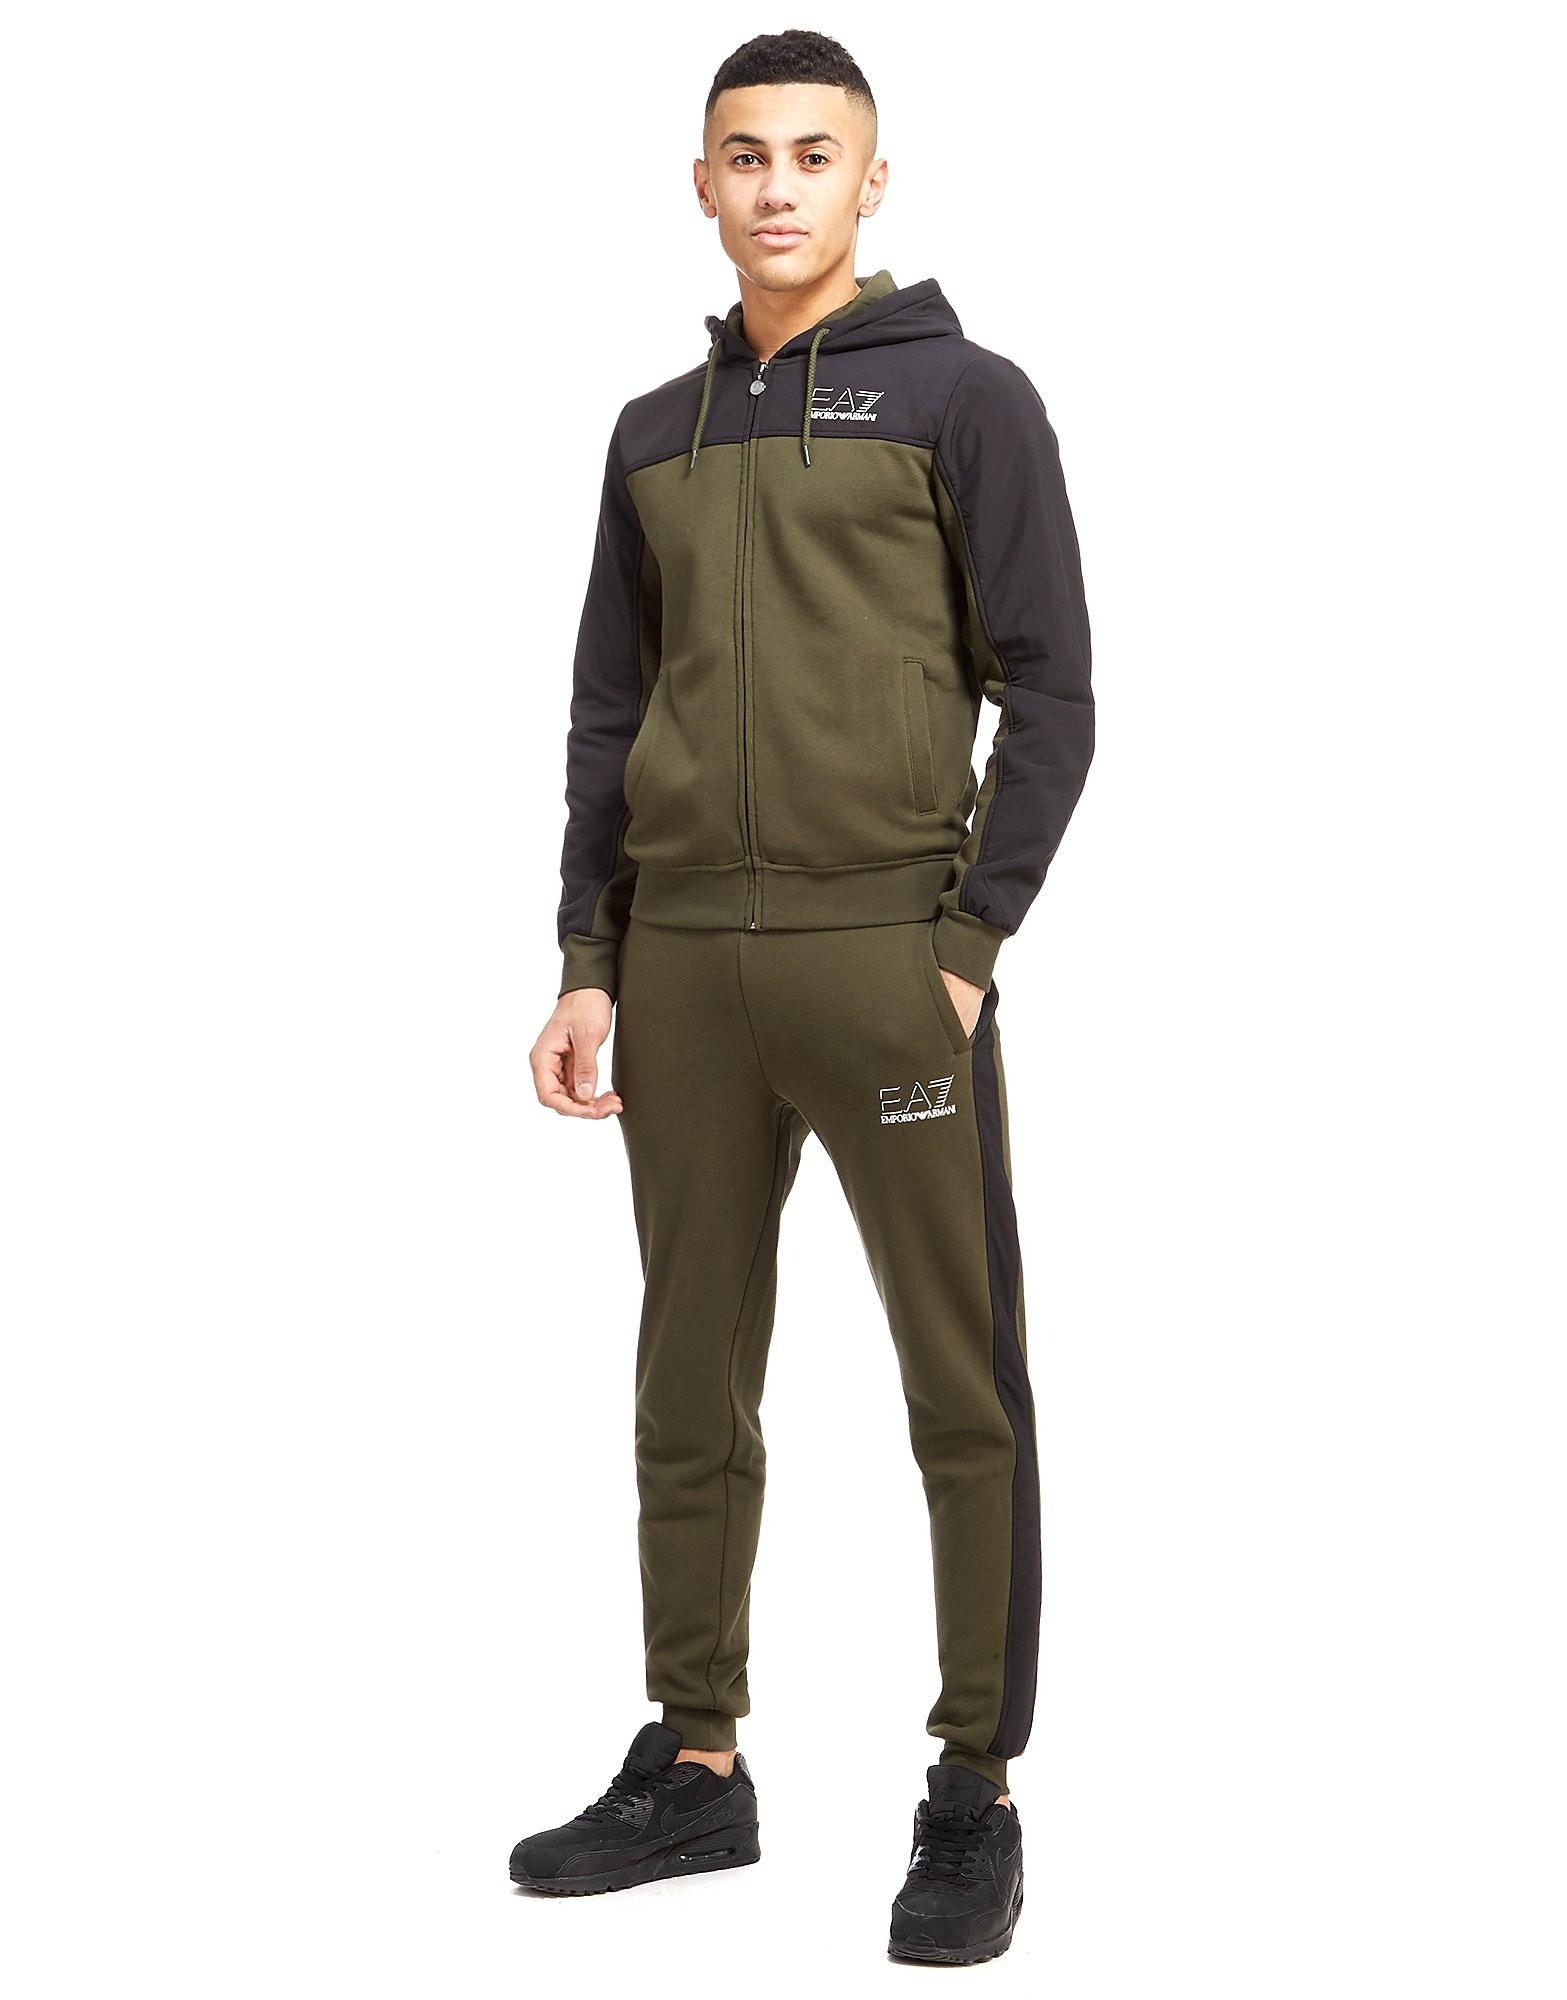 Emporio Armani EA7 Shadowline Woven Overlay Suit